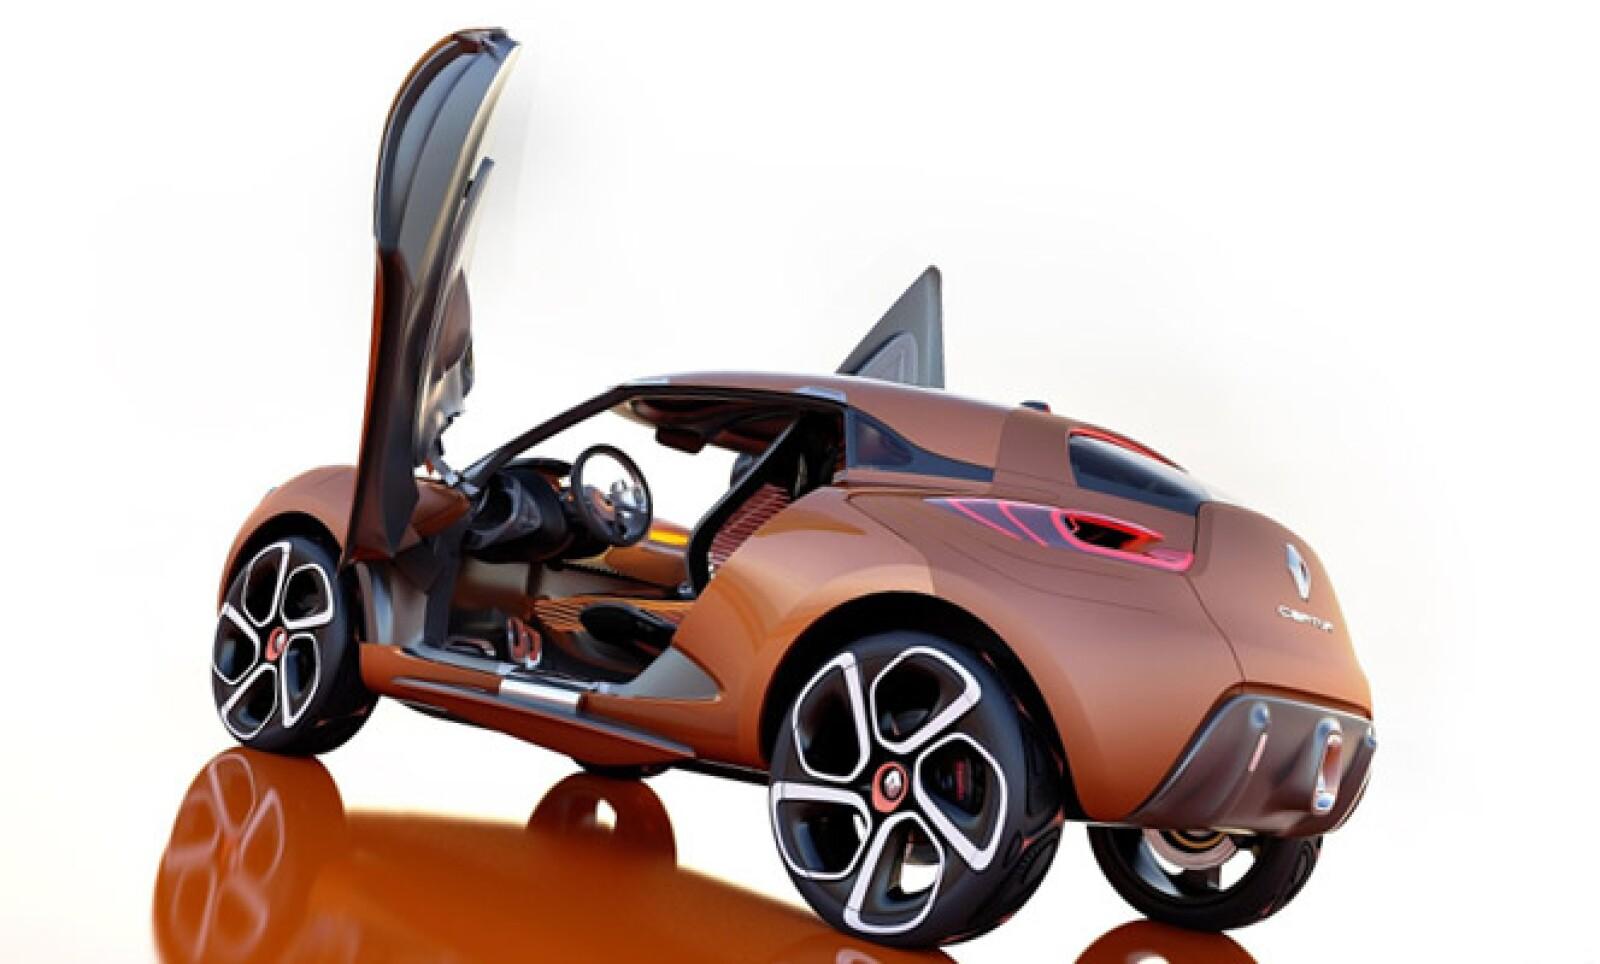 La empresa no reveló si el vehículo entrará a producción en un futuro cercano.